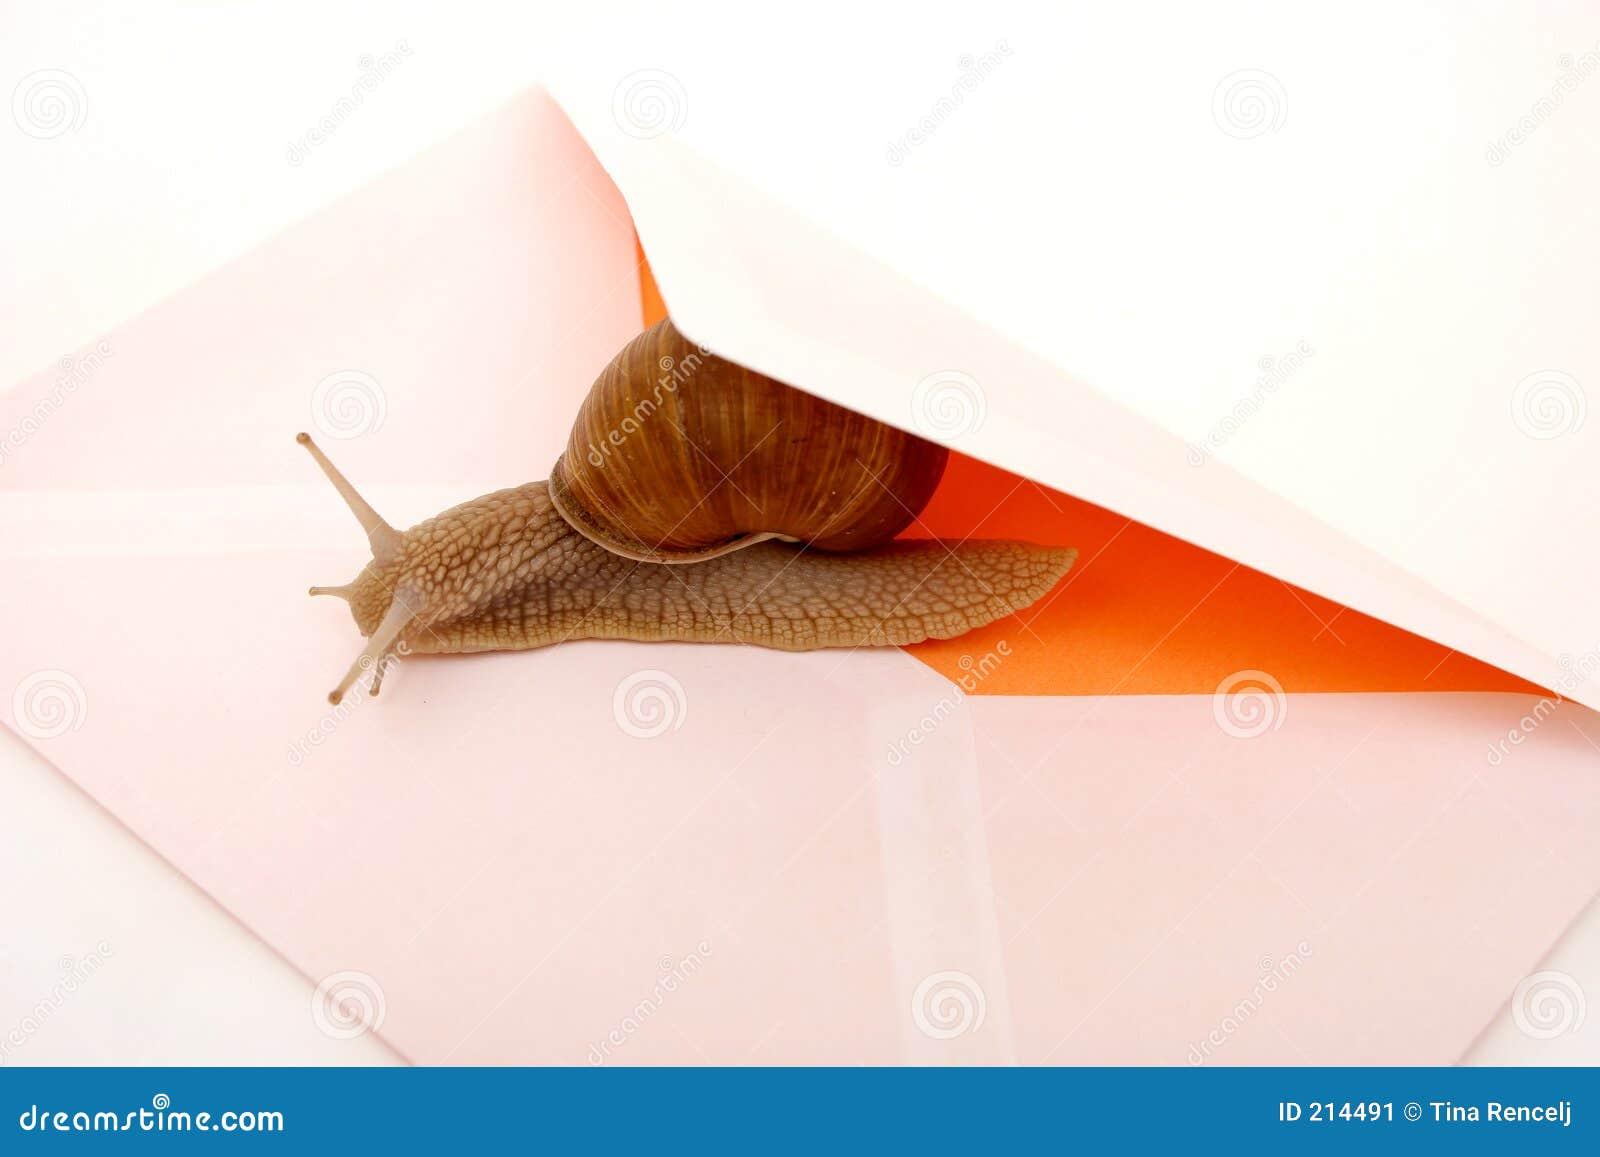 Poczta ślimak